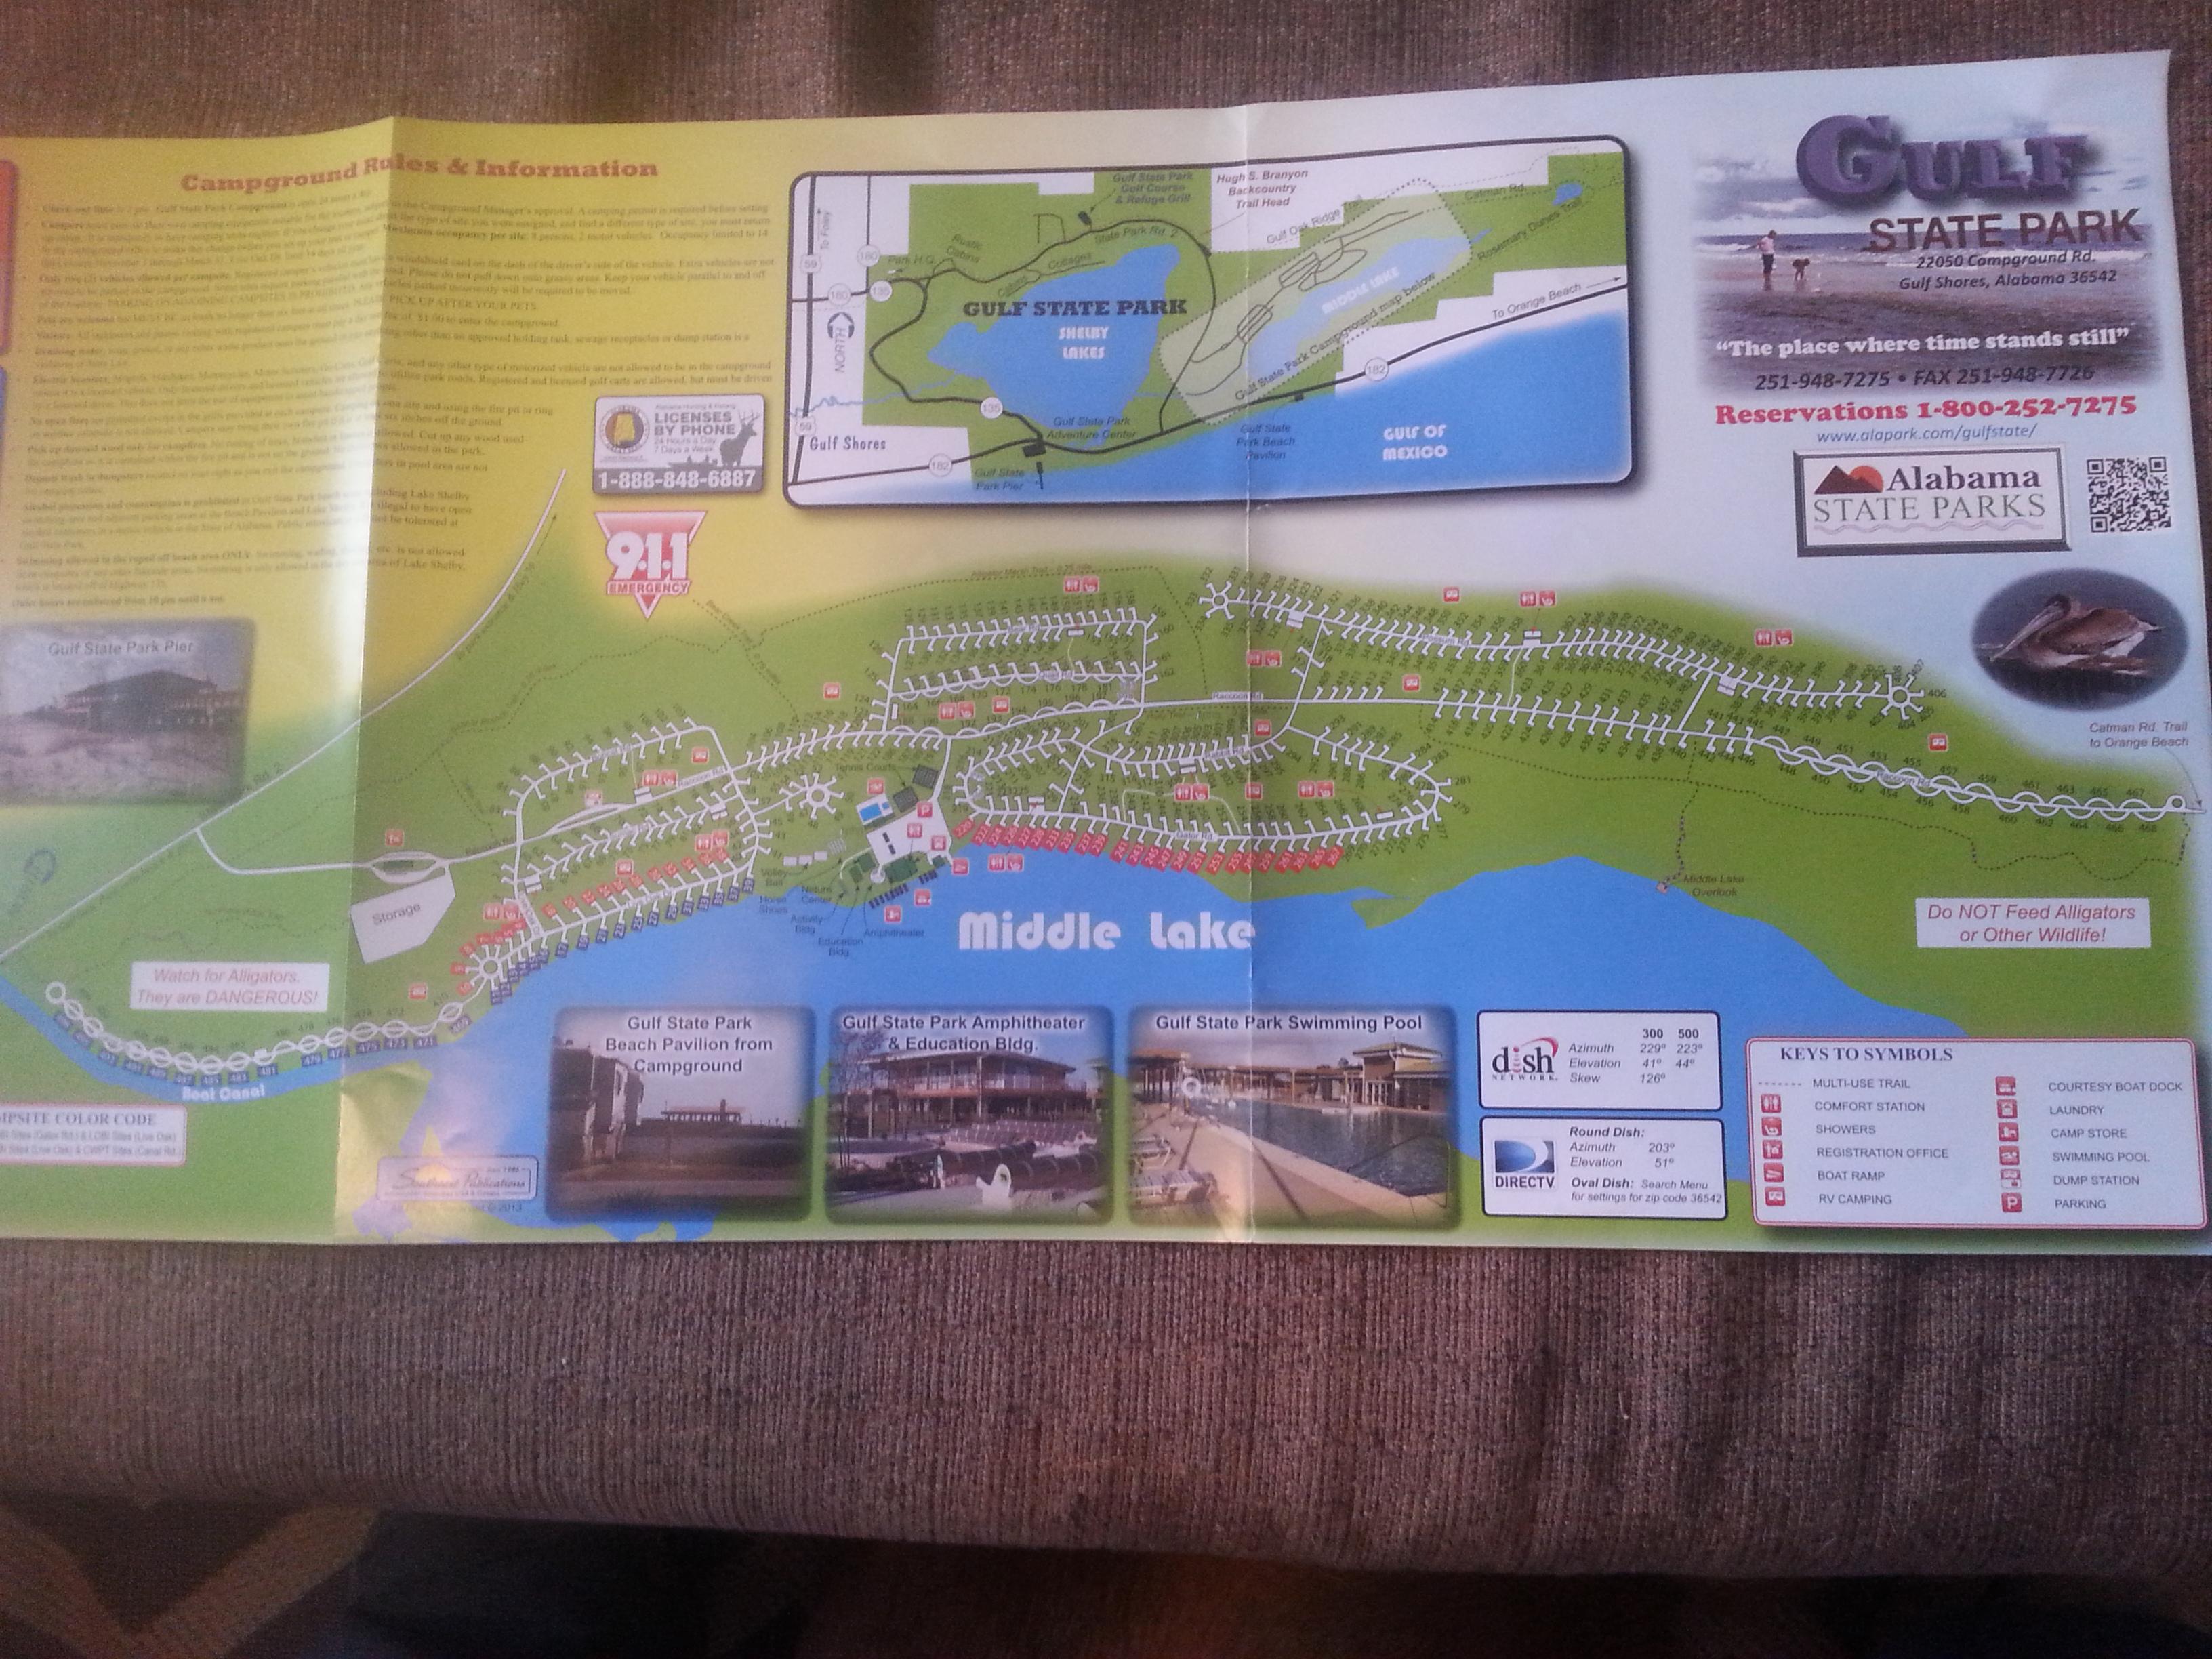 Gulf State Park Campground Map | compressportnederland